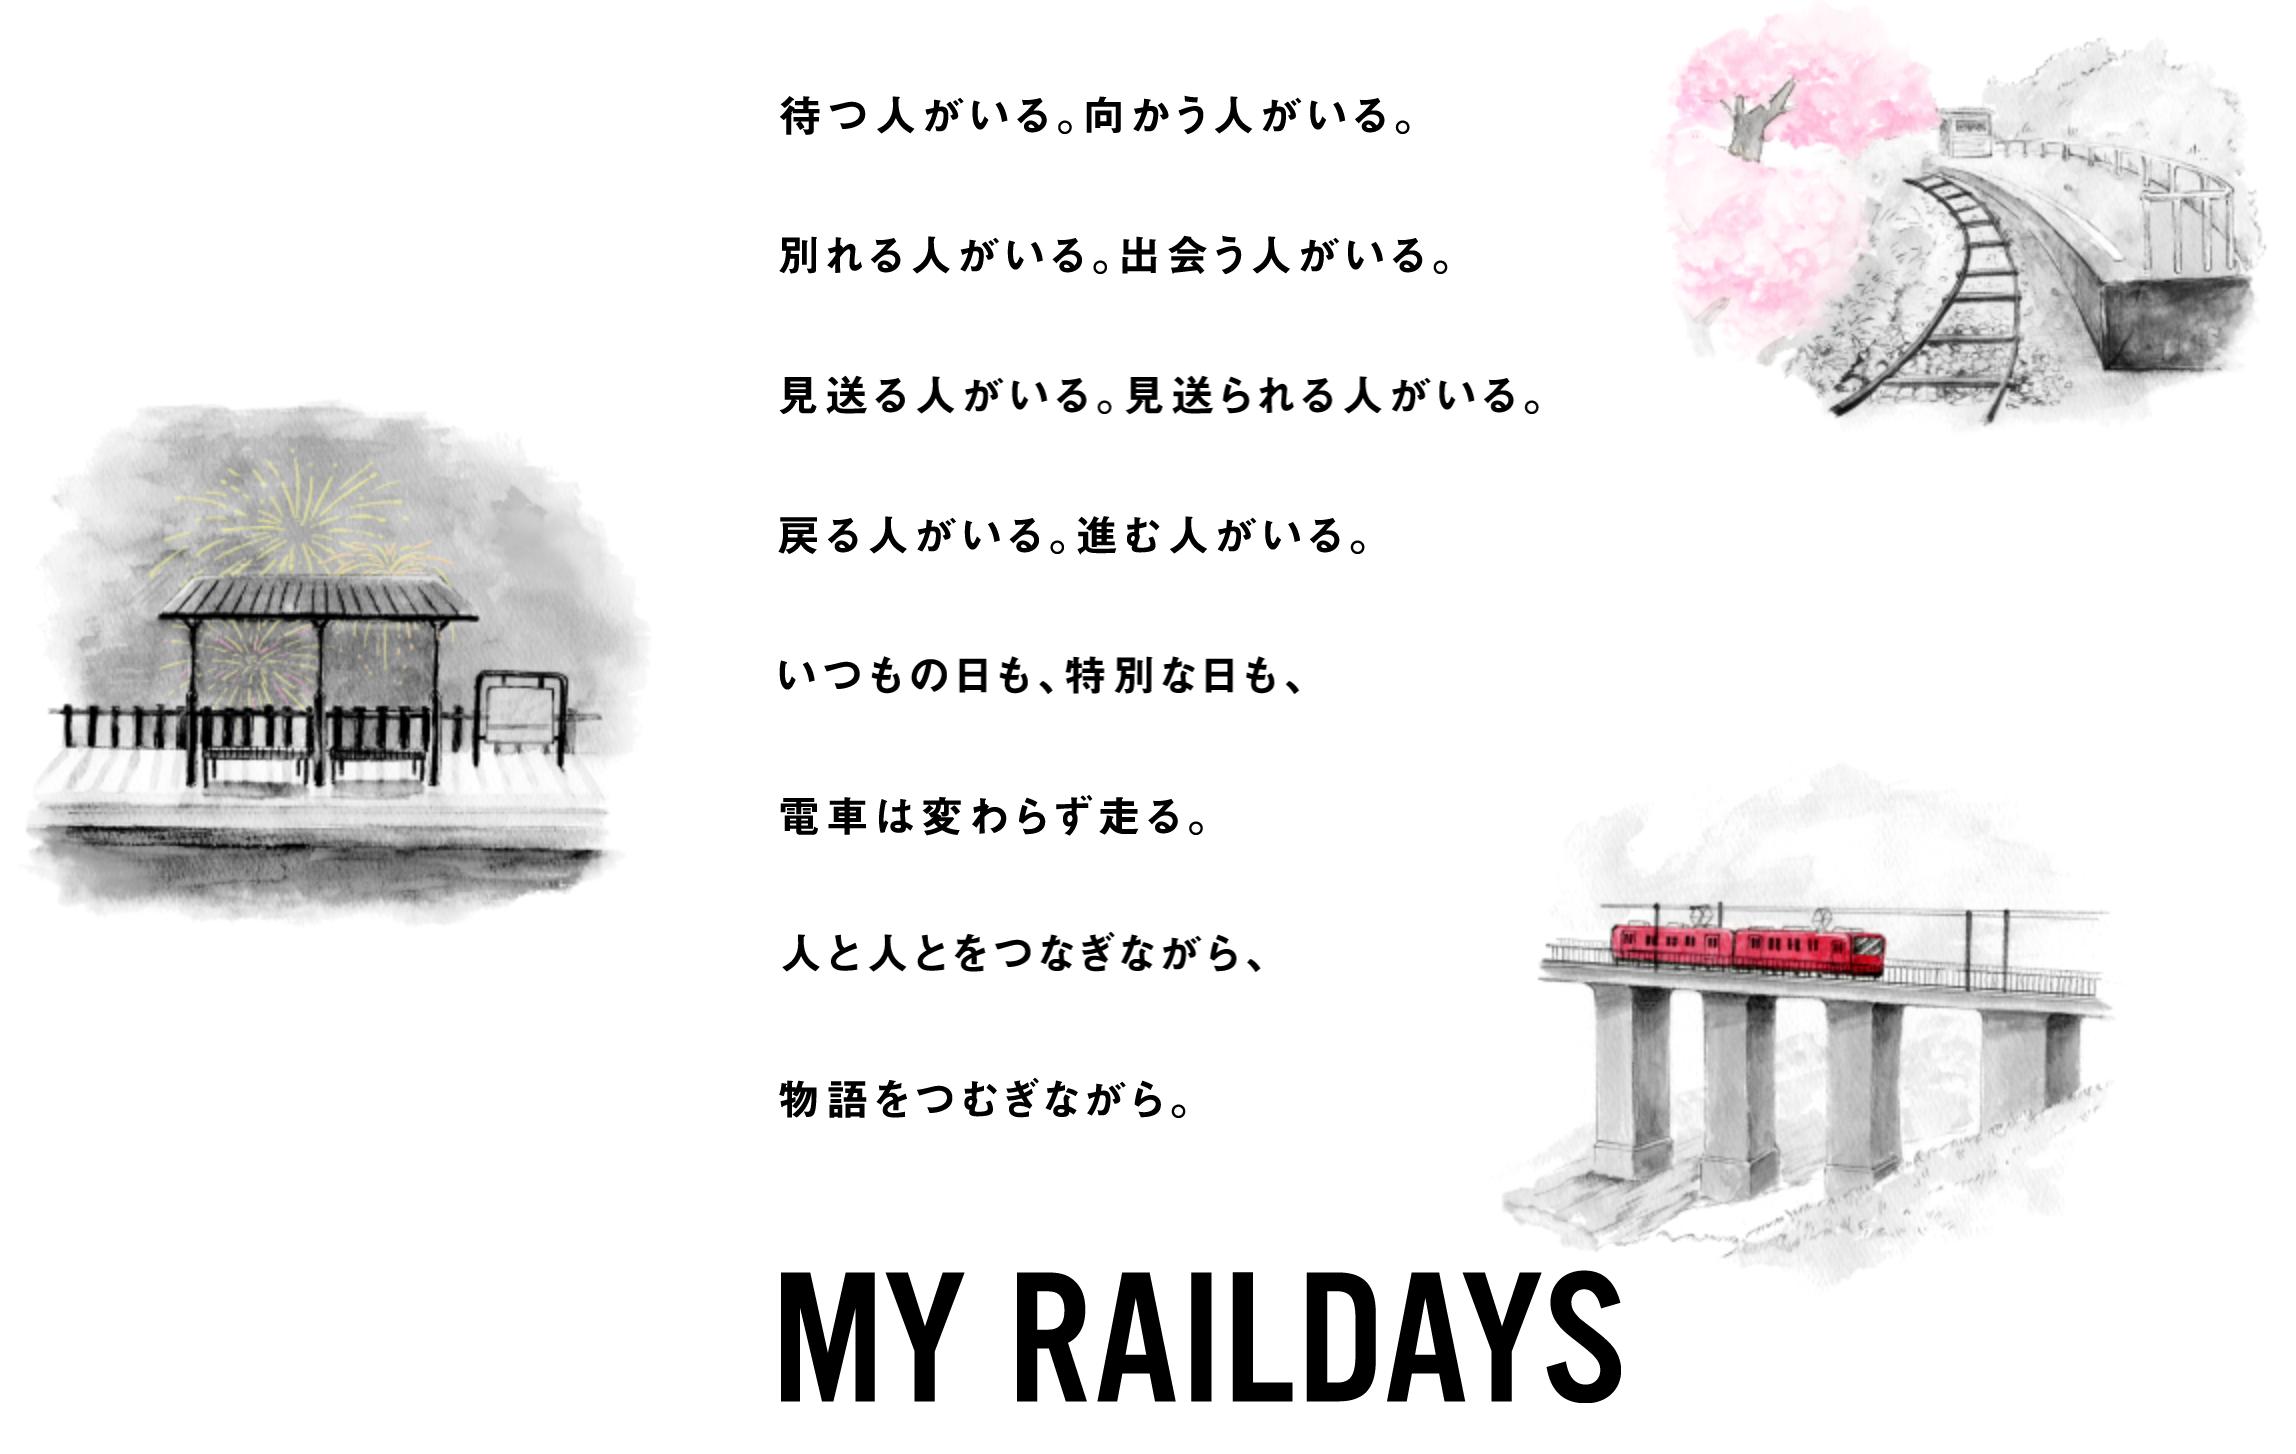 あなたの名鉄エピソードがCMに!「MY RAILDAYS」でつなぐ物語とココロ - d98b9742ae301700d9fa024b75421628